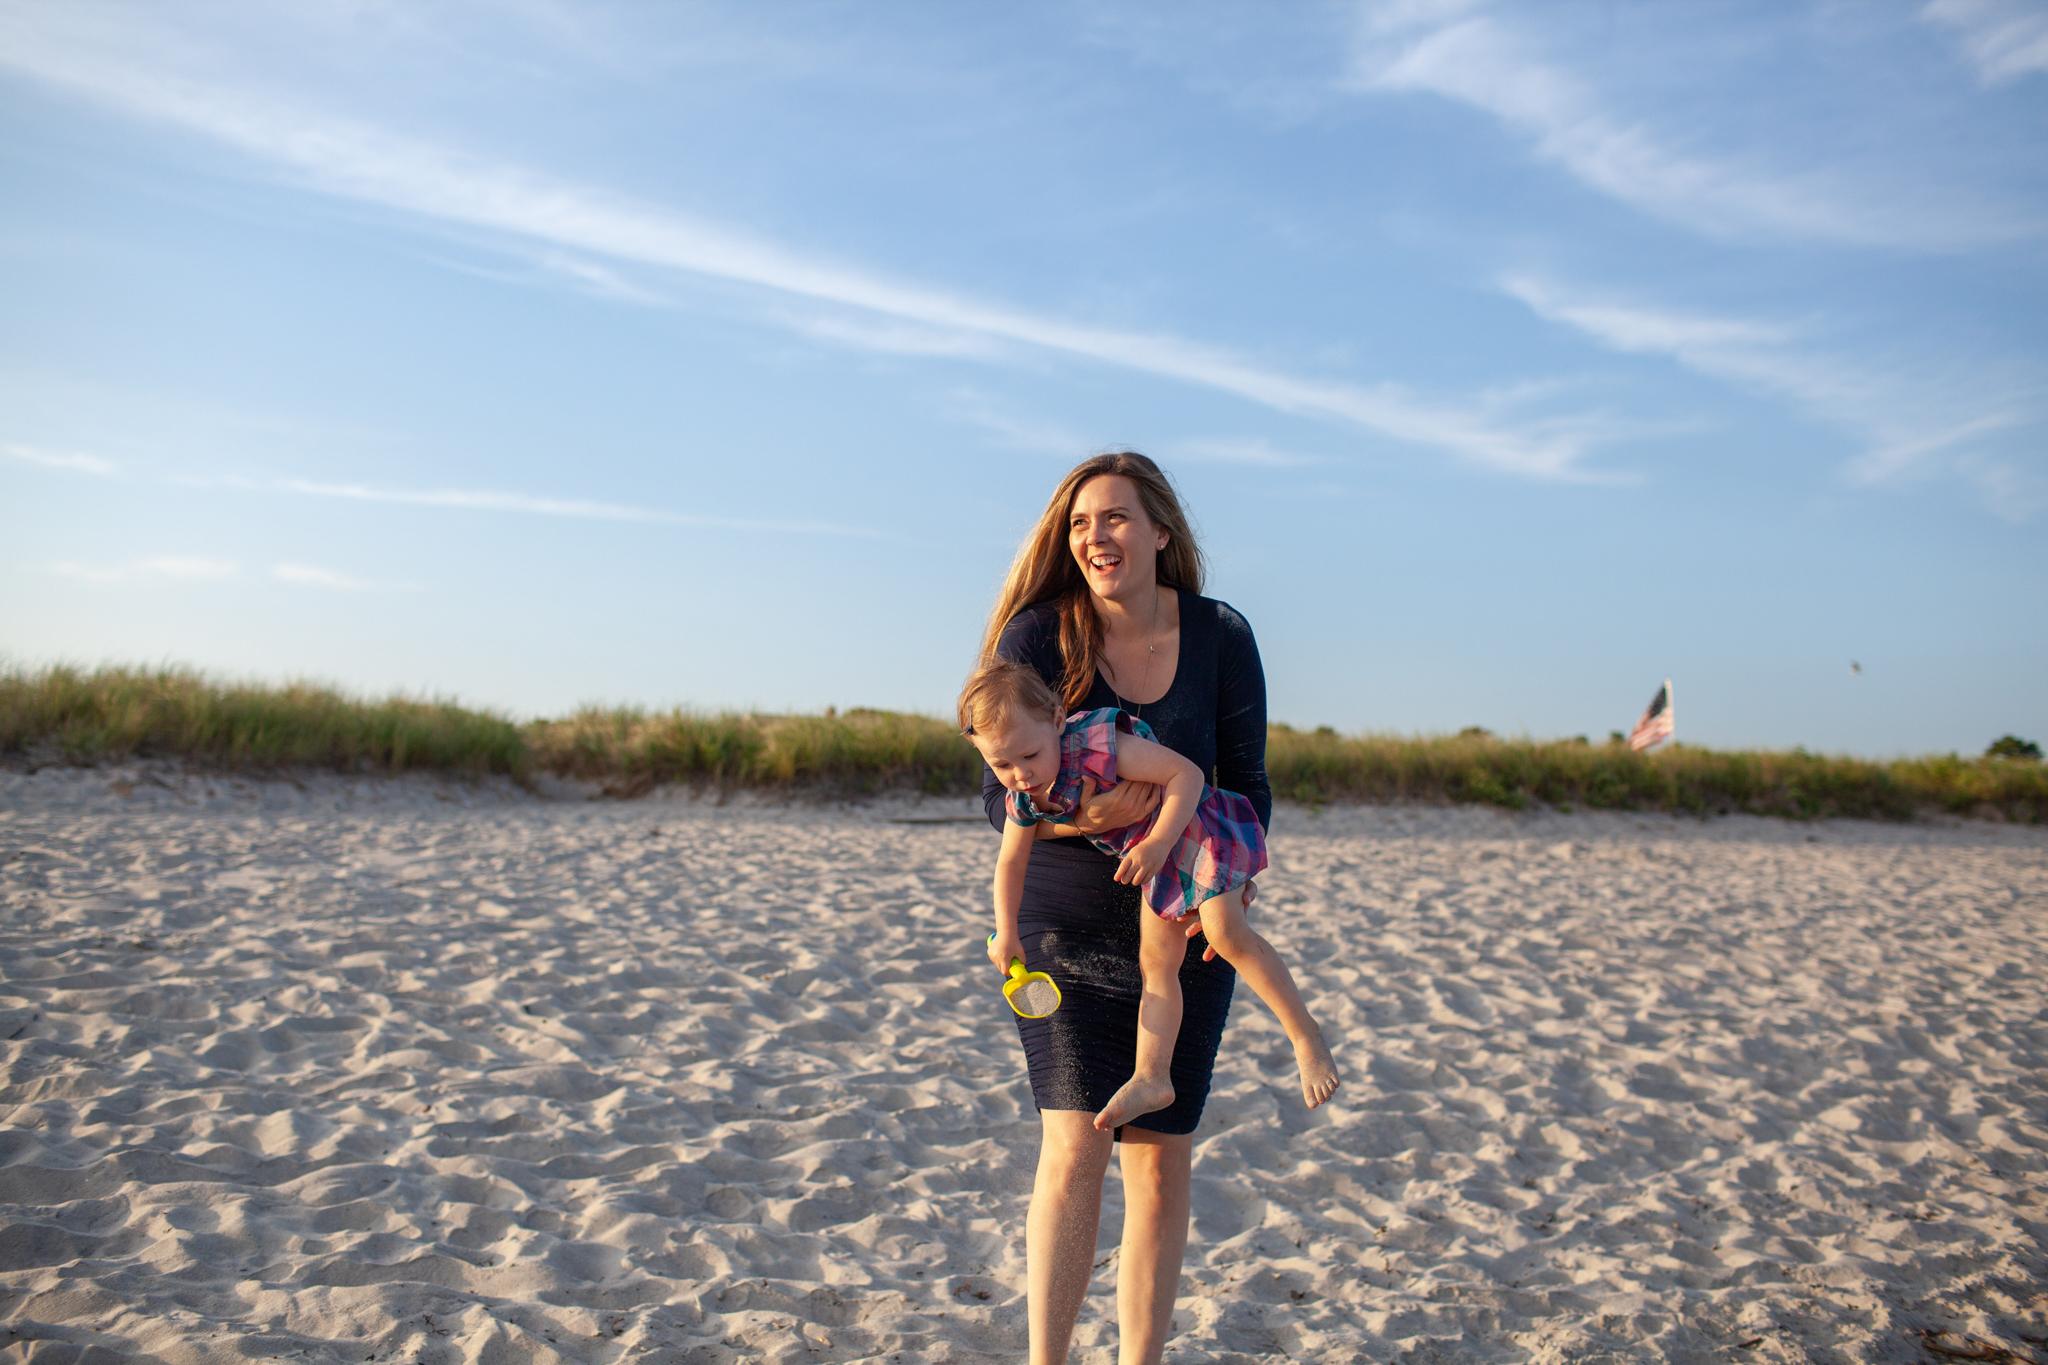 maine-family-photography-pine-point- beach-32.jpg